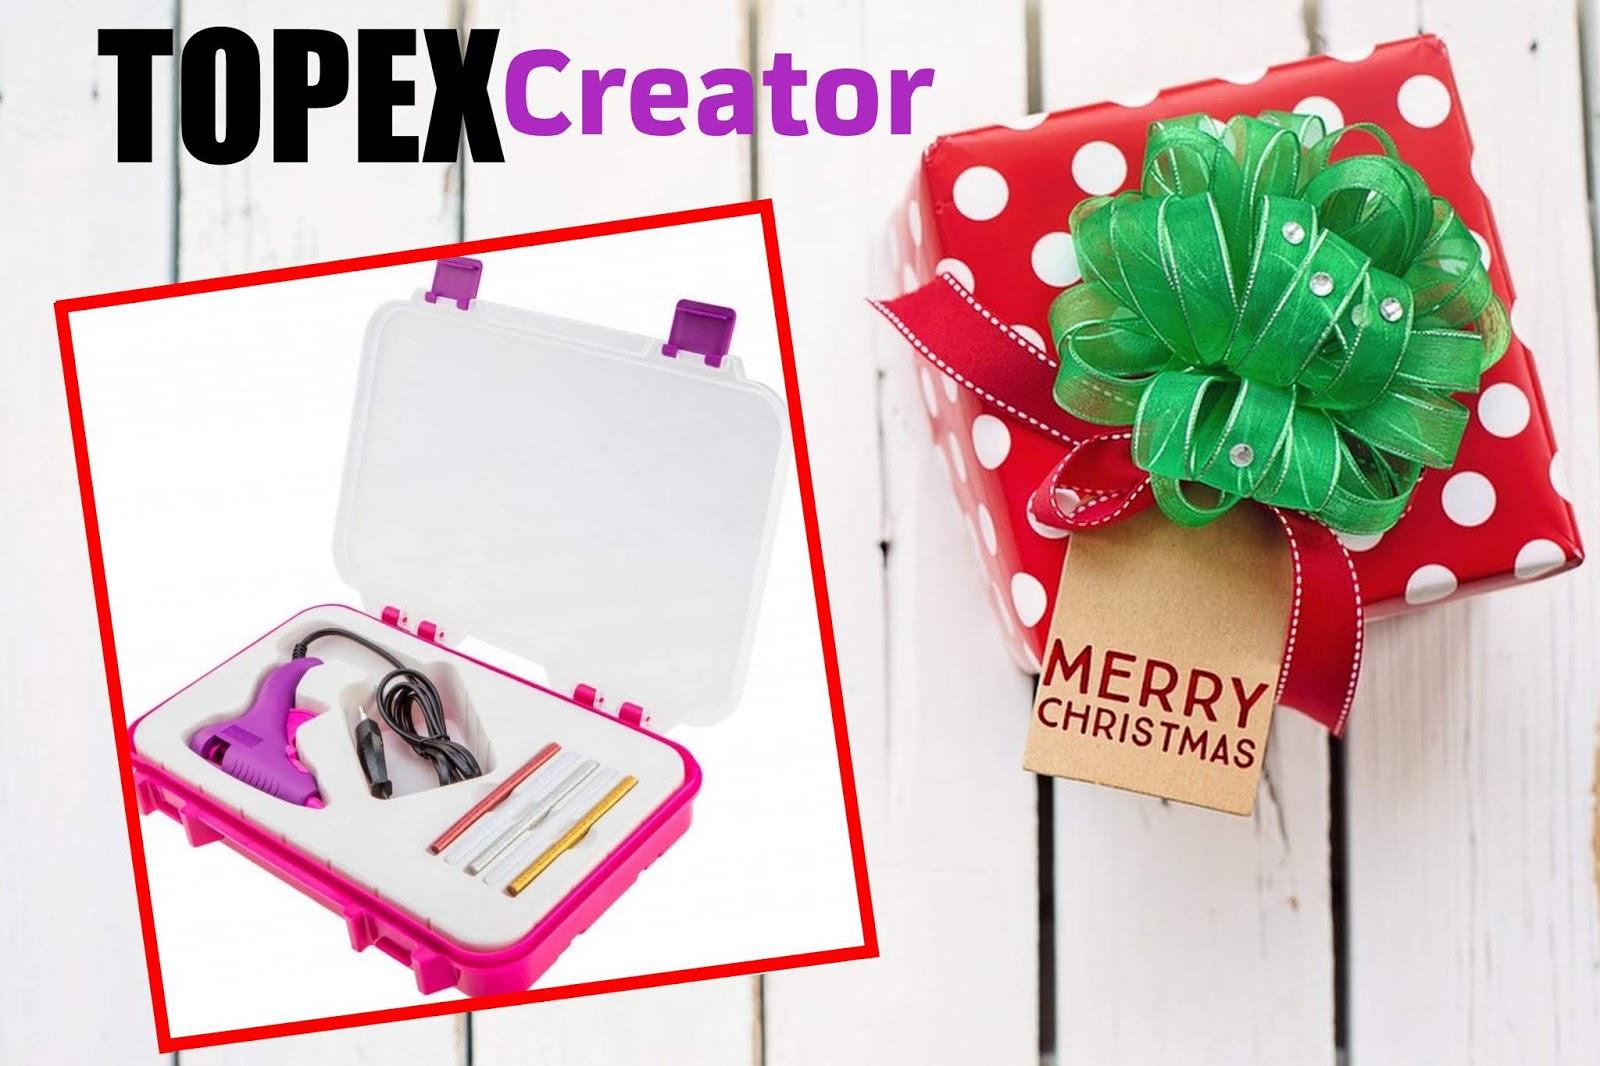 Topex creator - pistolet klejowy dla kobiet, idealny do tworzenia świątecznych dekoracji